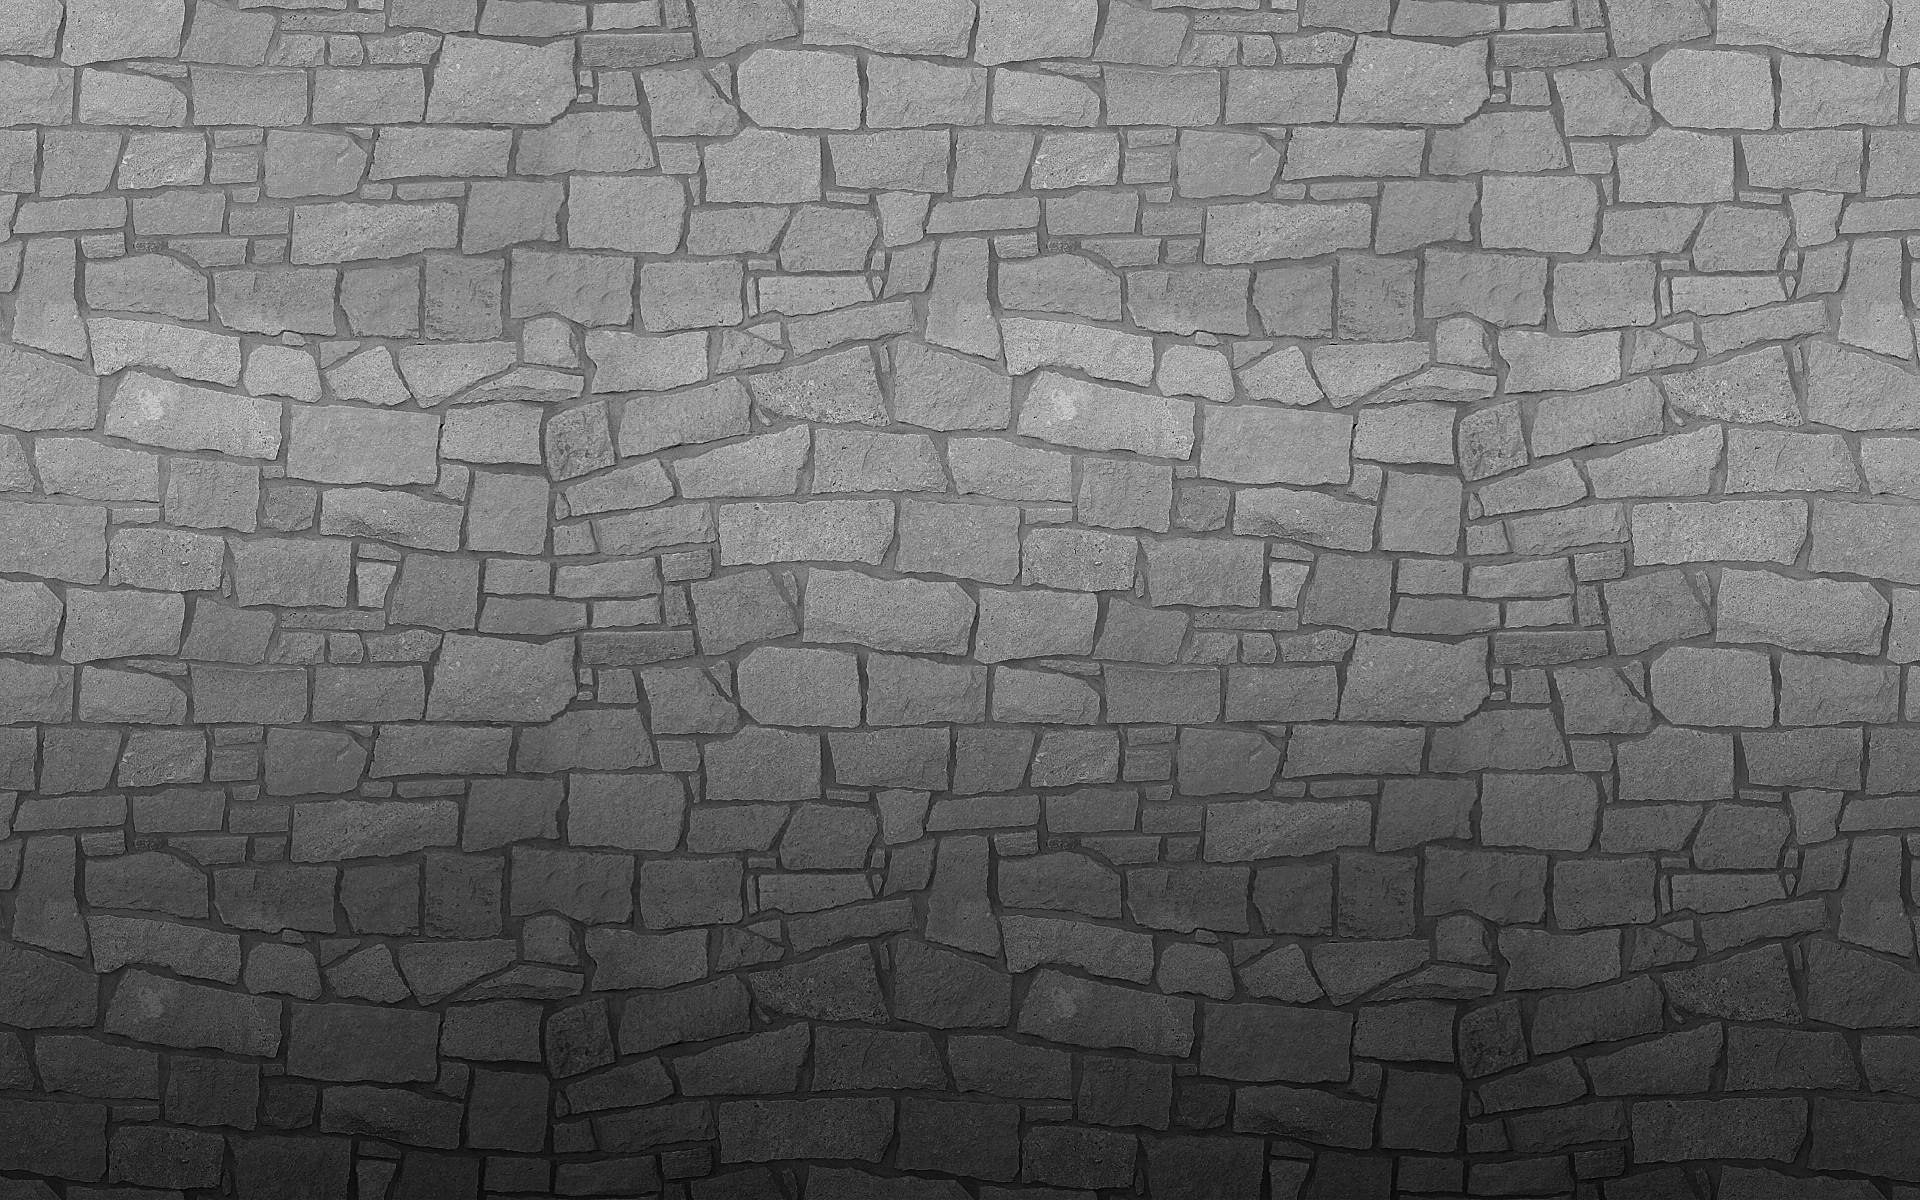 monochrome texture bricks pattern